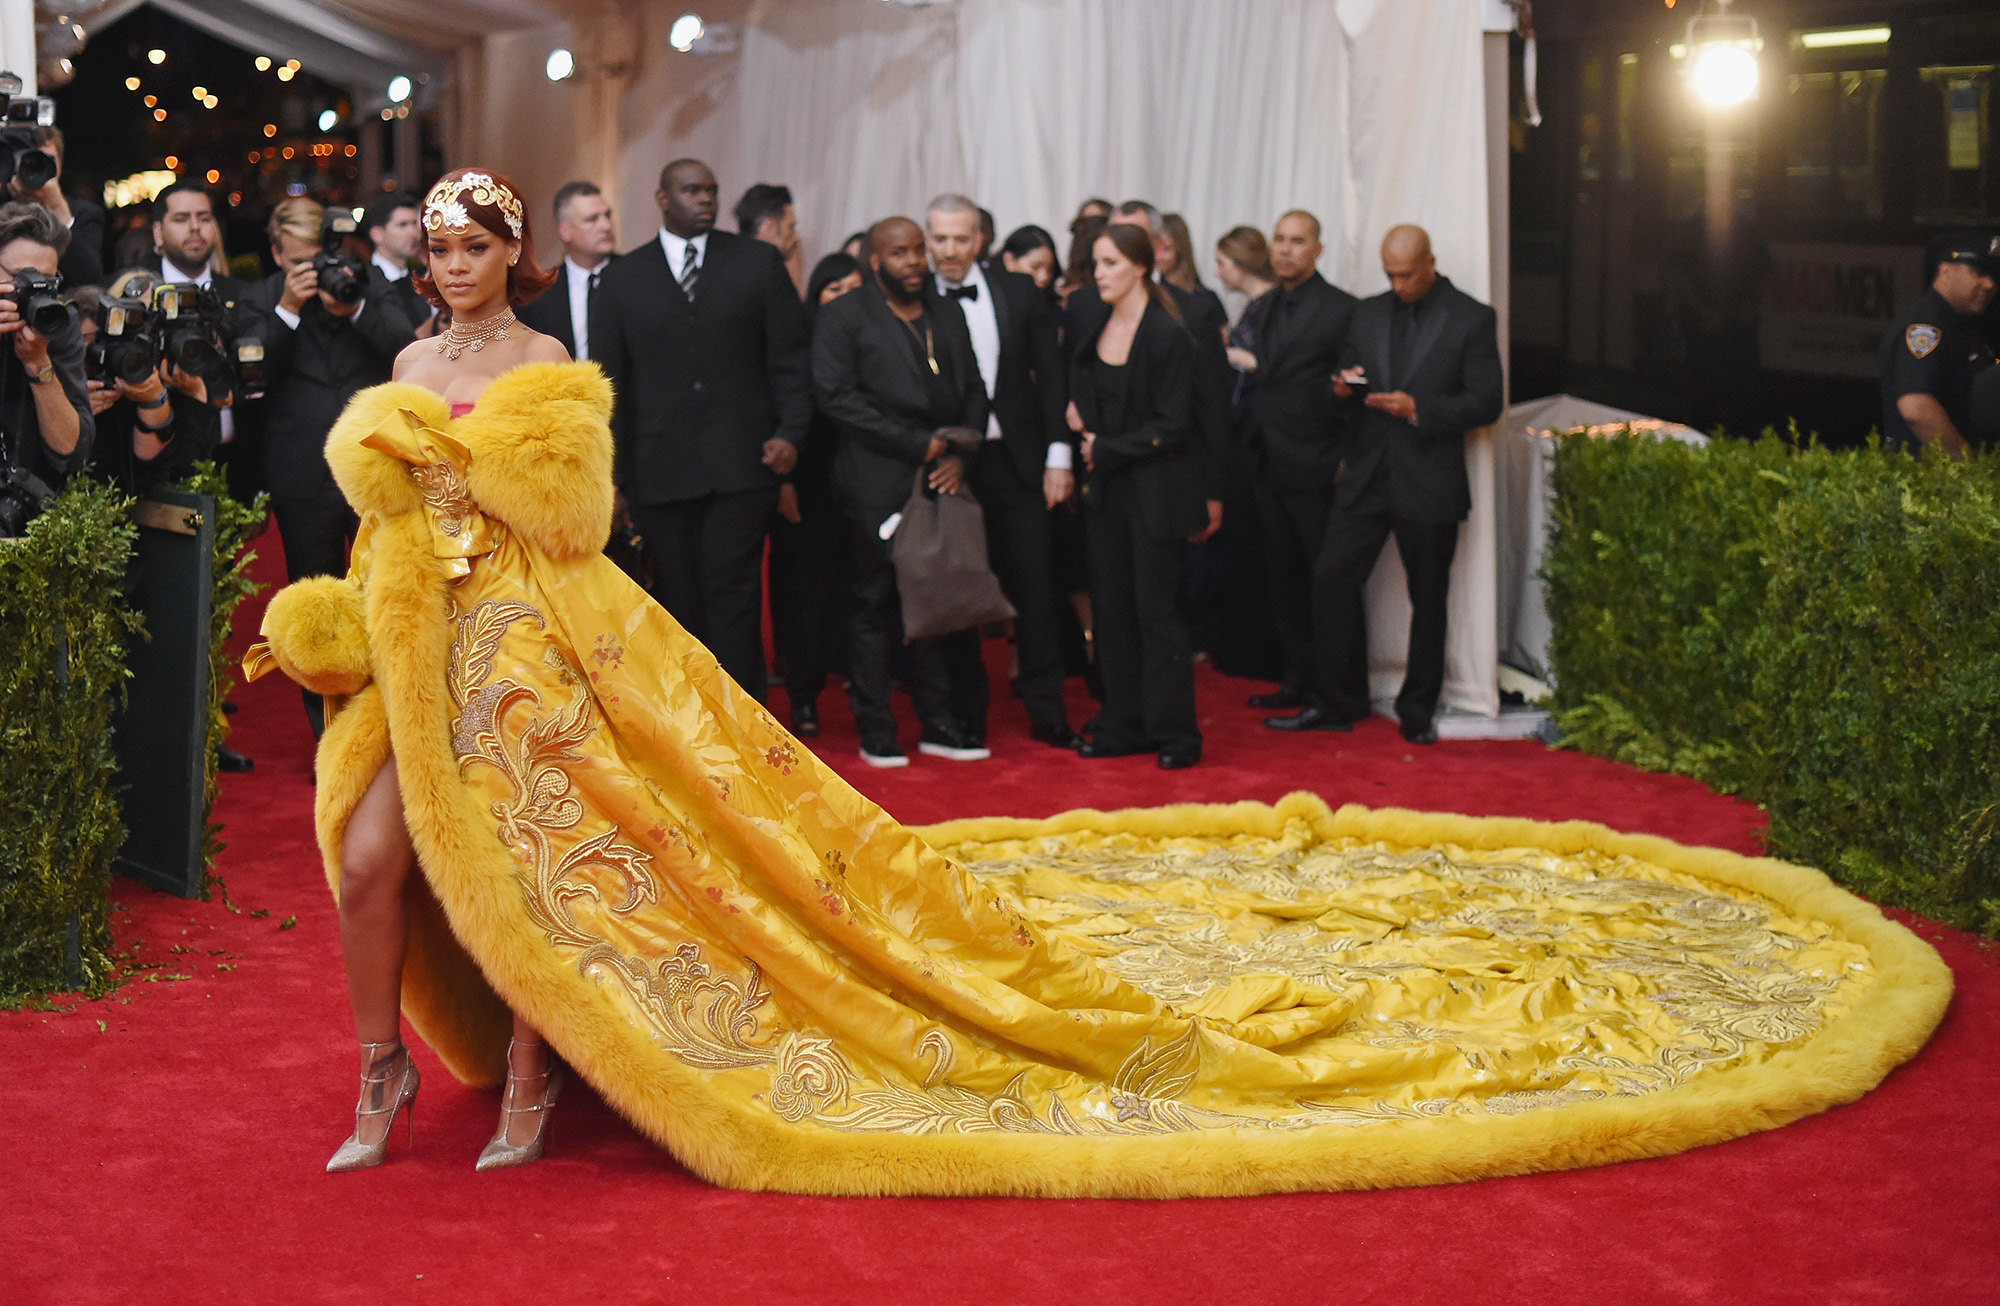 Biểu tượng thời trang 2010 Rihanna với chiếc đầm đi vào lịch sử tại Met Gala 2016